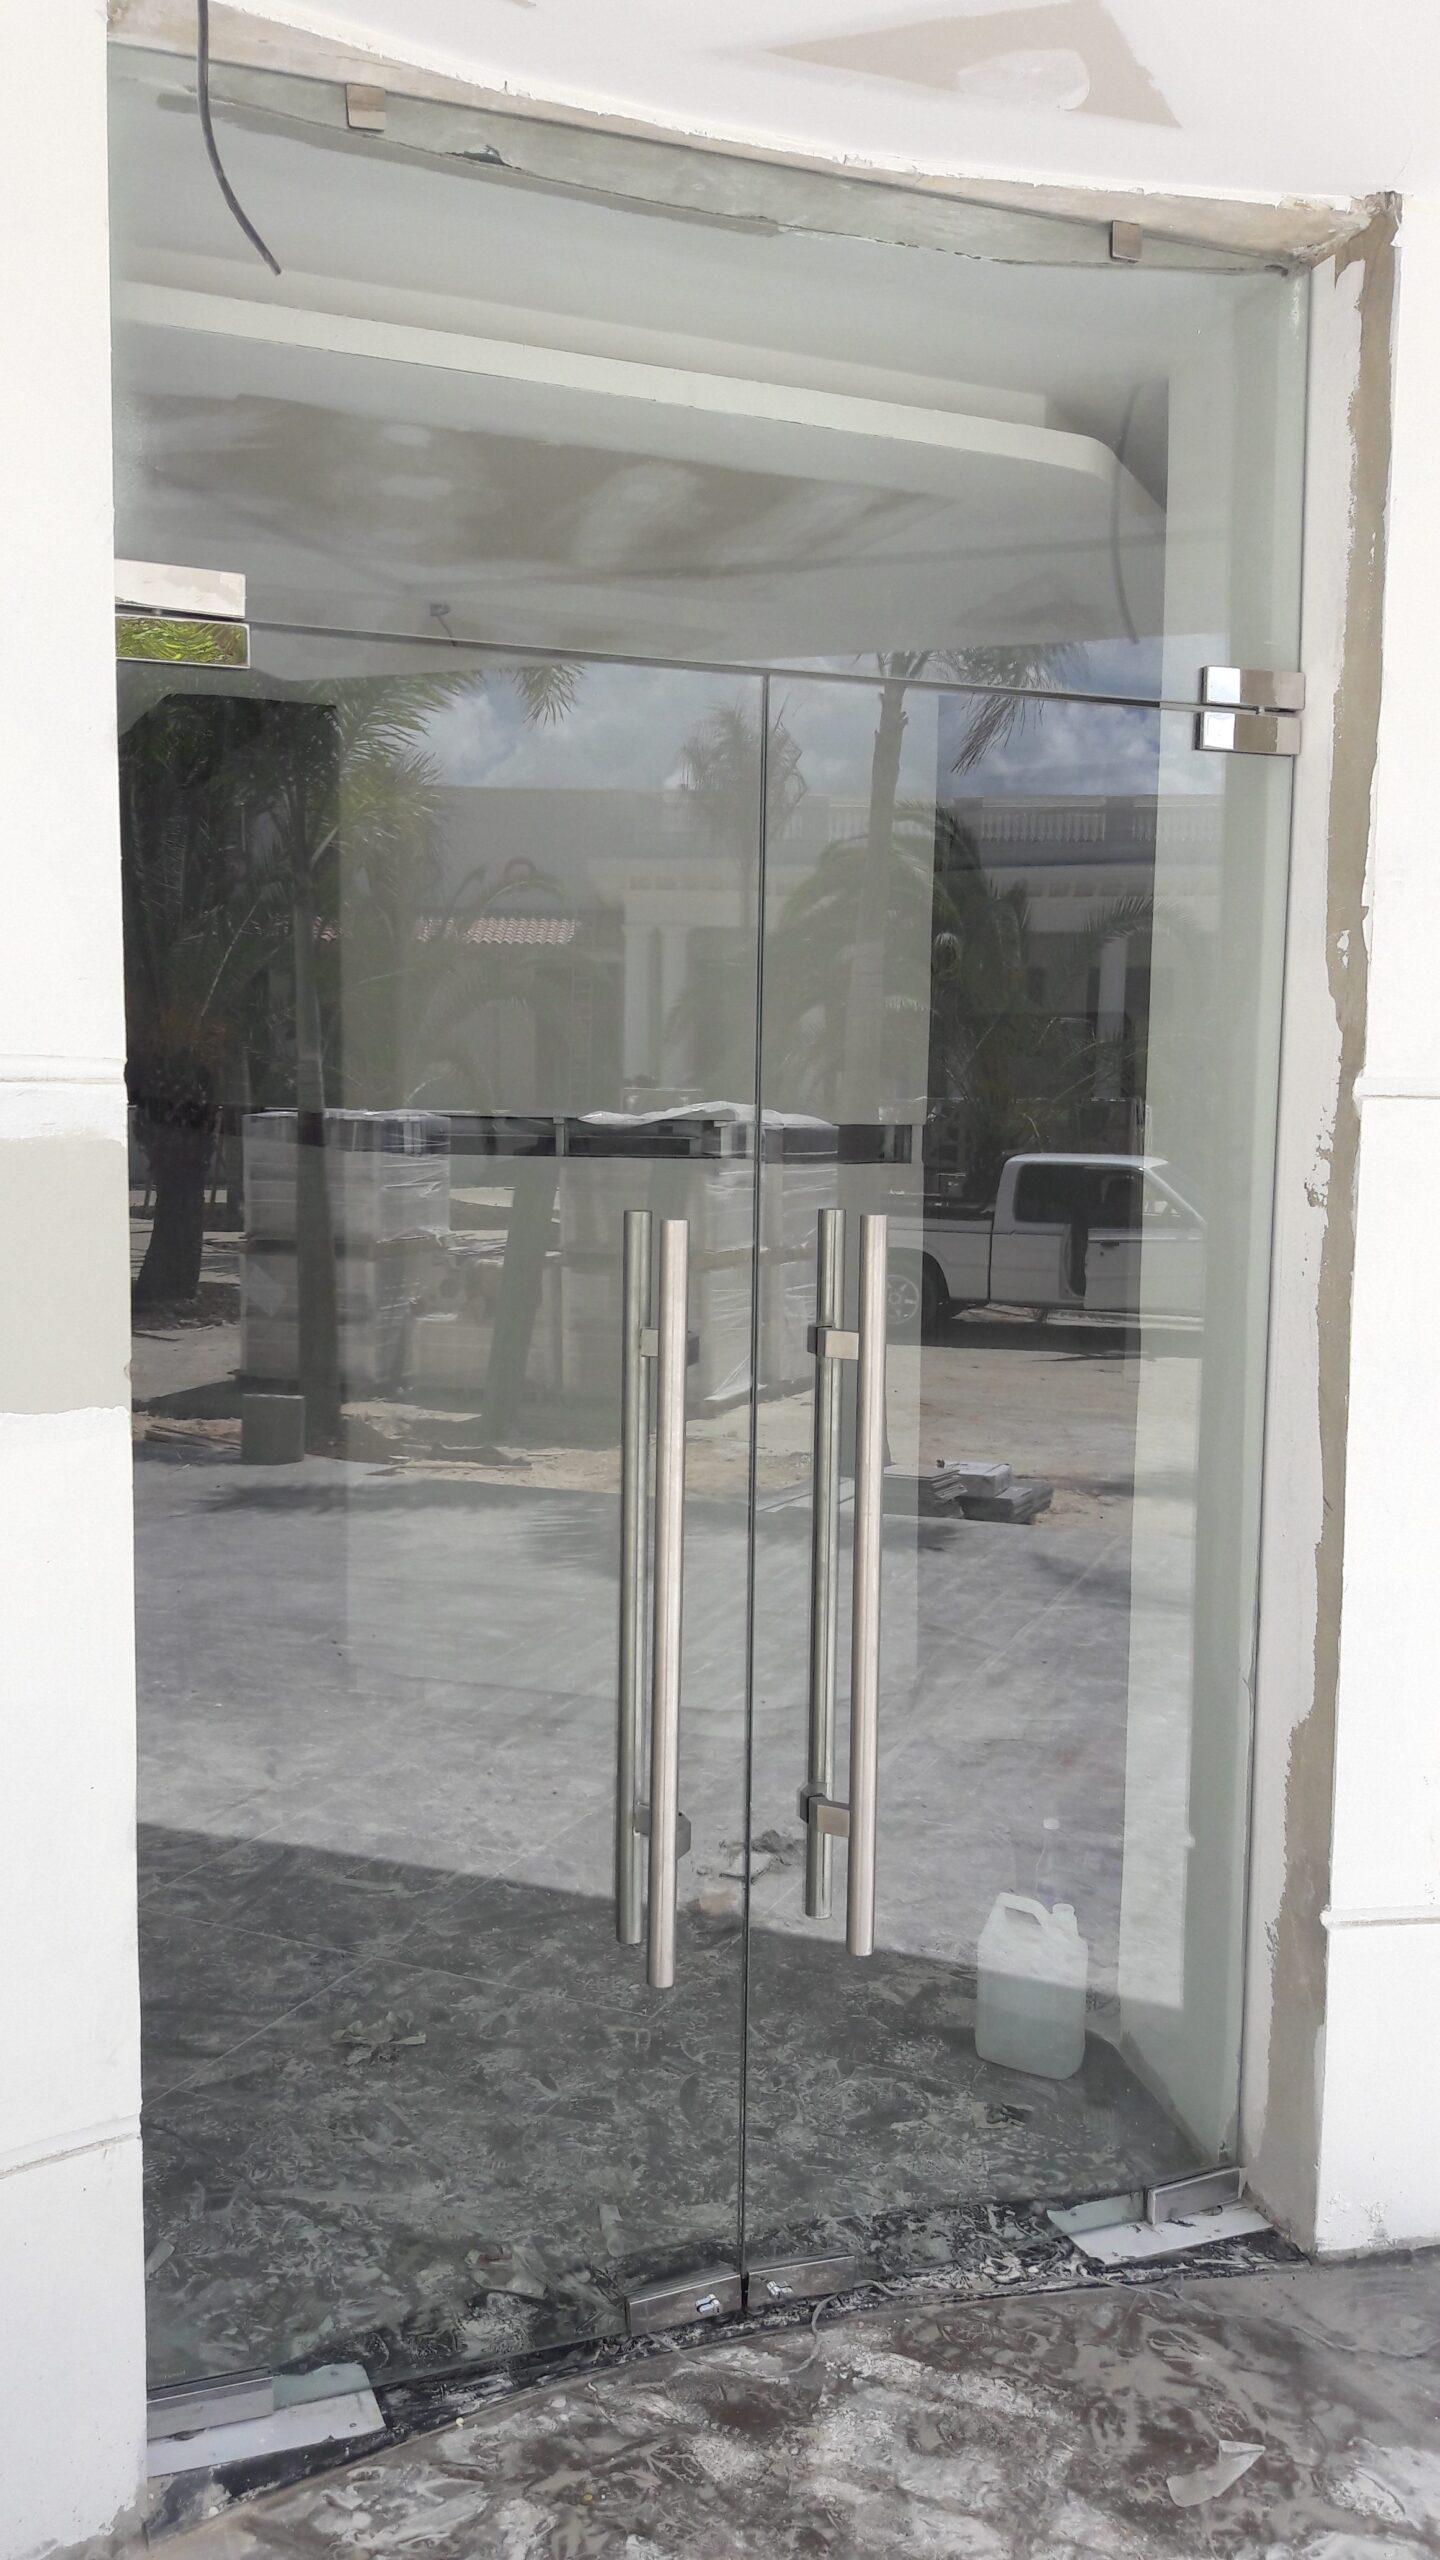 Puertas flotantes pivotantes deslizantes y abisagradas - Puertas deslizantes de cristal ...